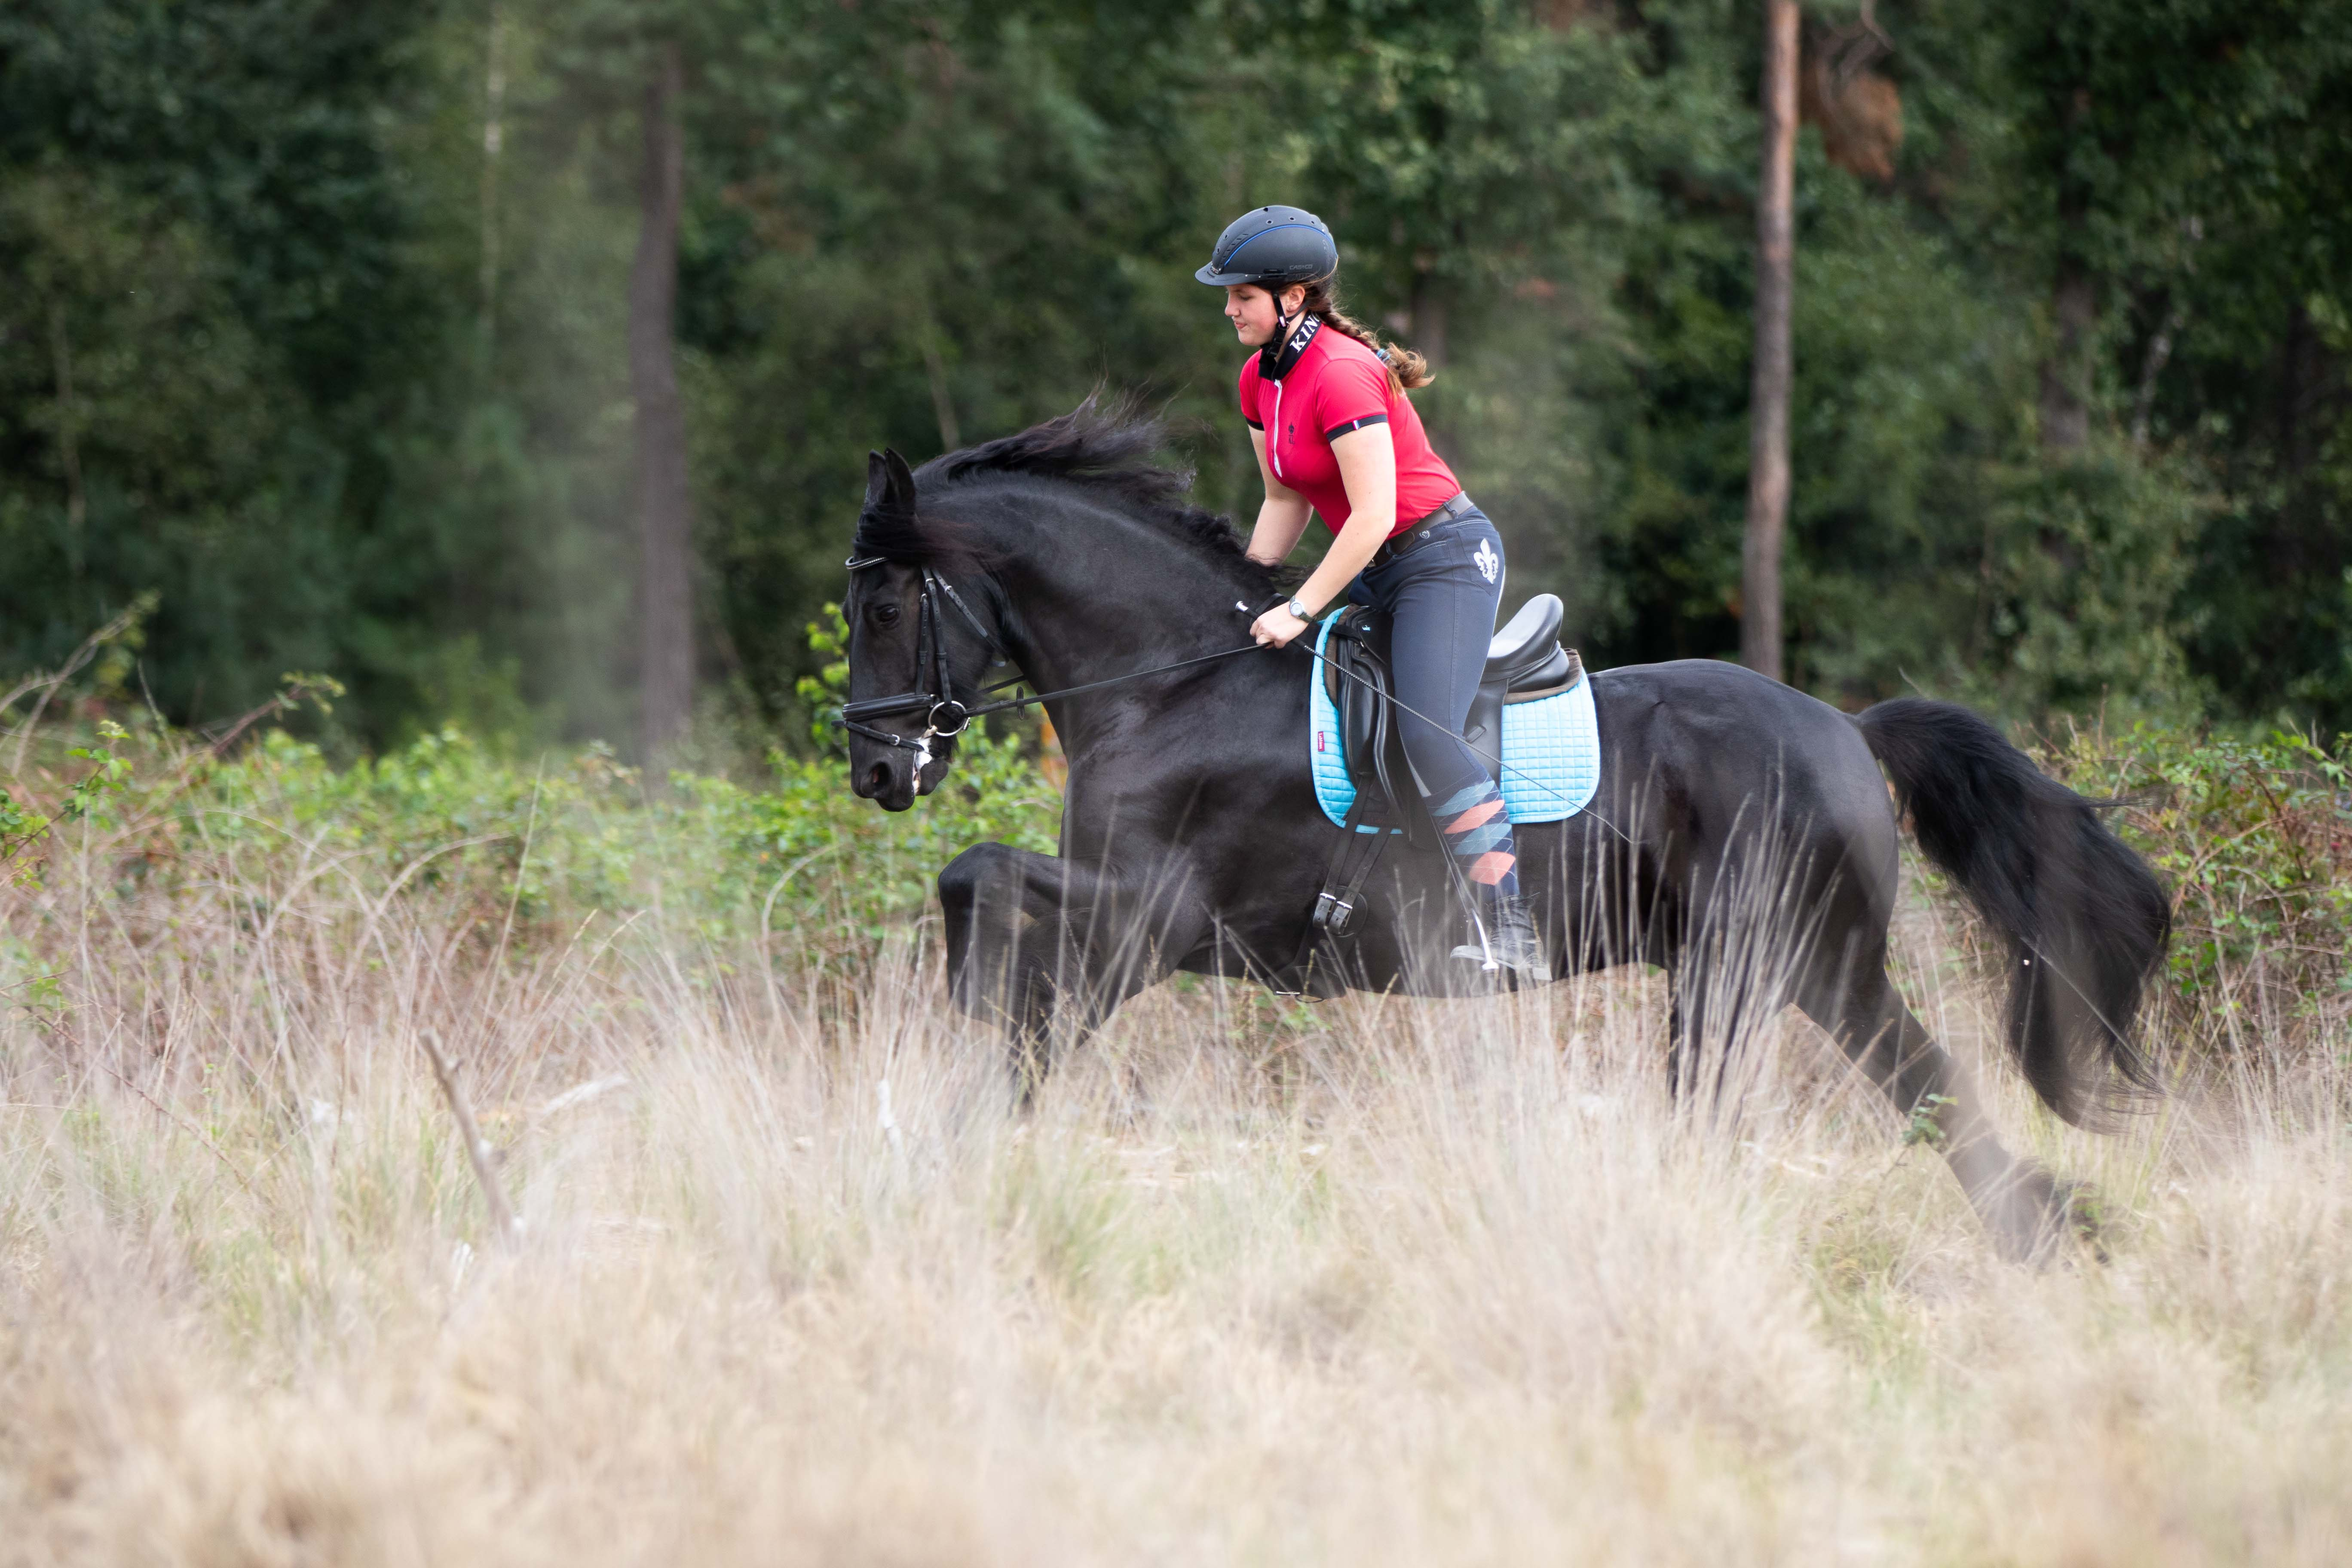 Marleen Verheul Fotografie, dierenfotografie, paardenfotografie, dierenfotograaf, Fries paard met ruiter galopperend door het bos